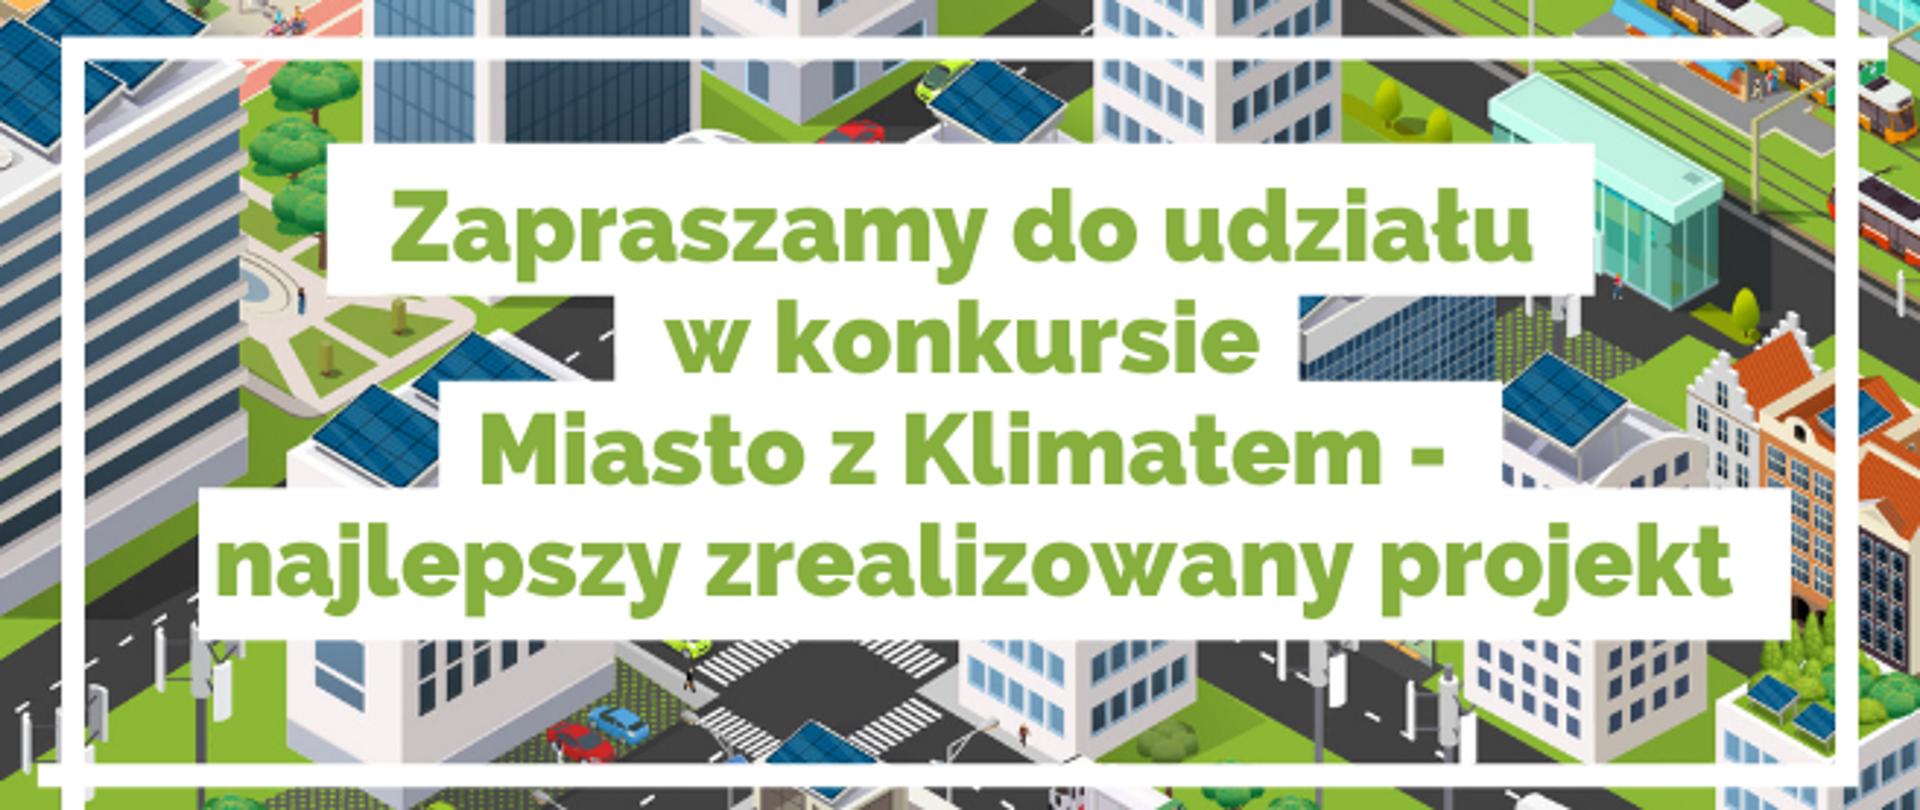 Miasto z Klimatem